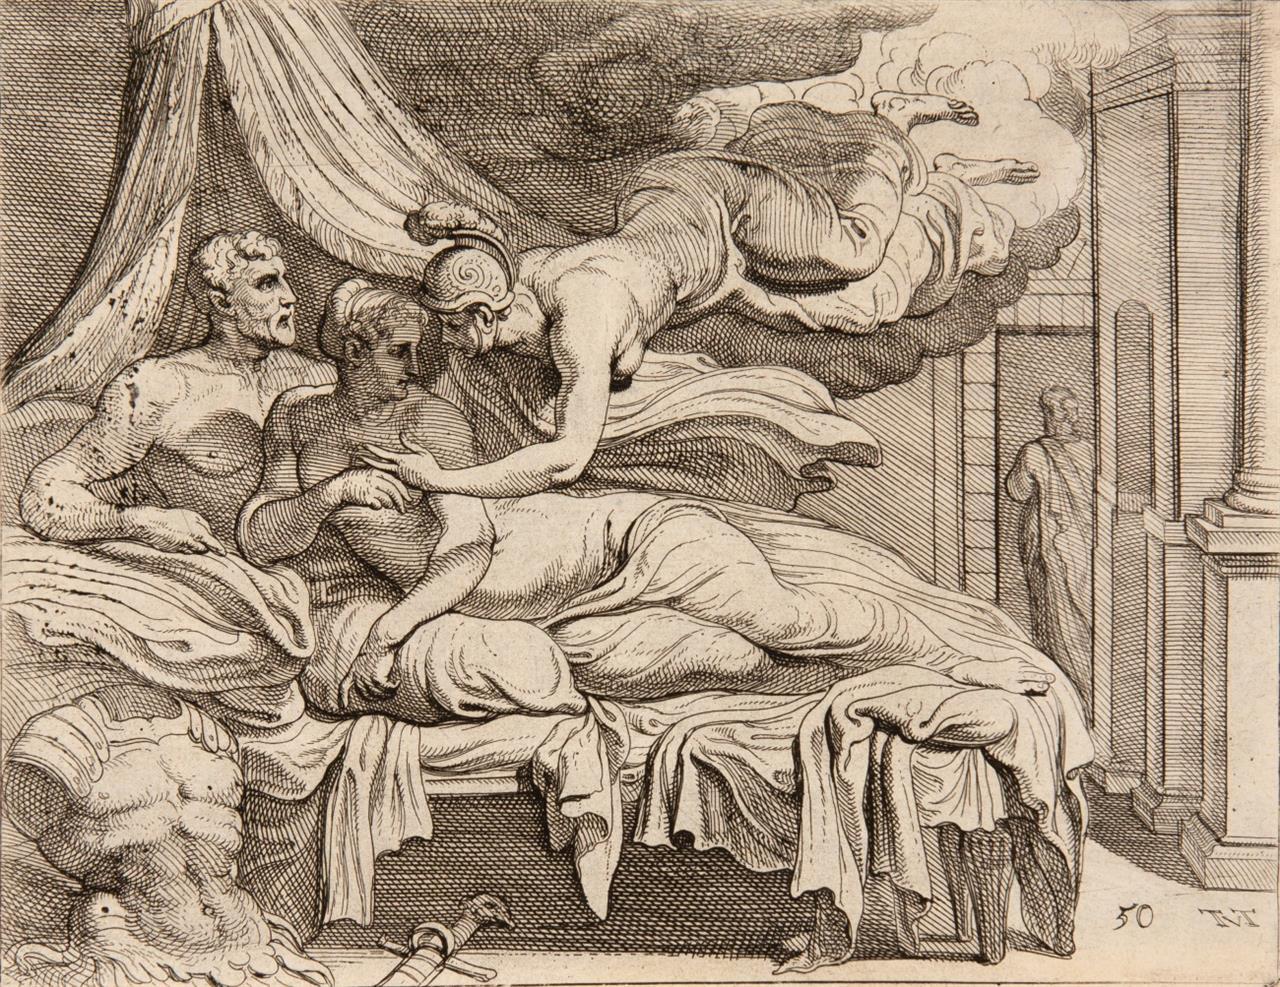 Theodoor Van Thulden. Les travaux d'Ulysse. Paris 1640. 6 Bll. Titel und Text, Wappenkupfer, 58 Bl. Kupferstiche. HLdr.